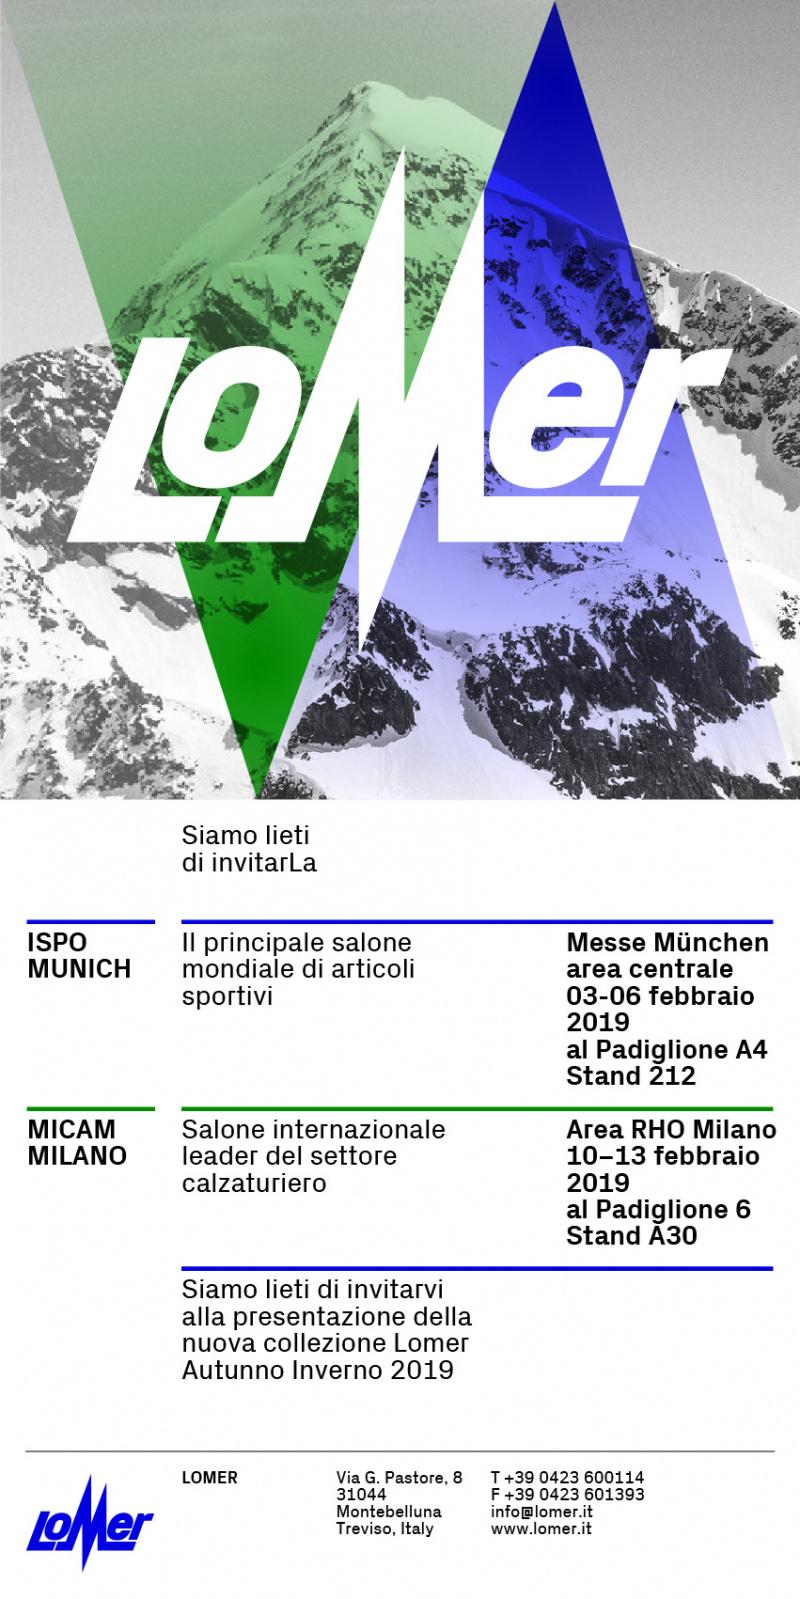 Ispo Munich & Micam Milano